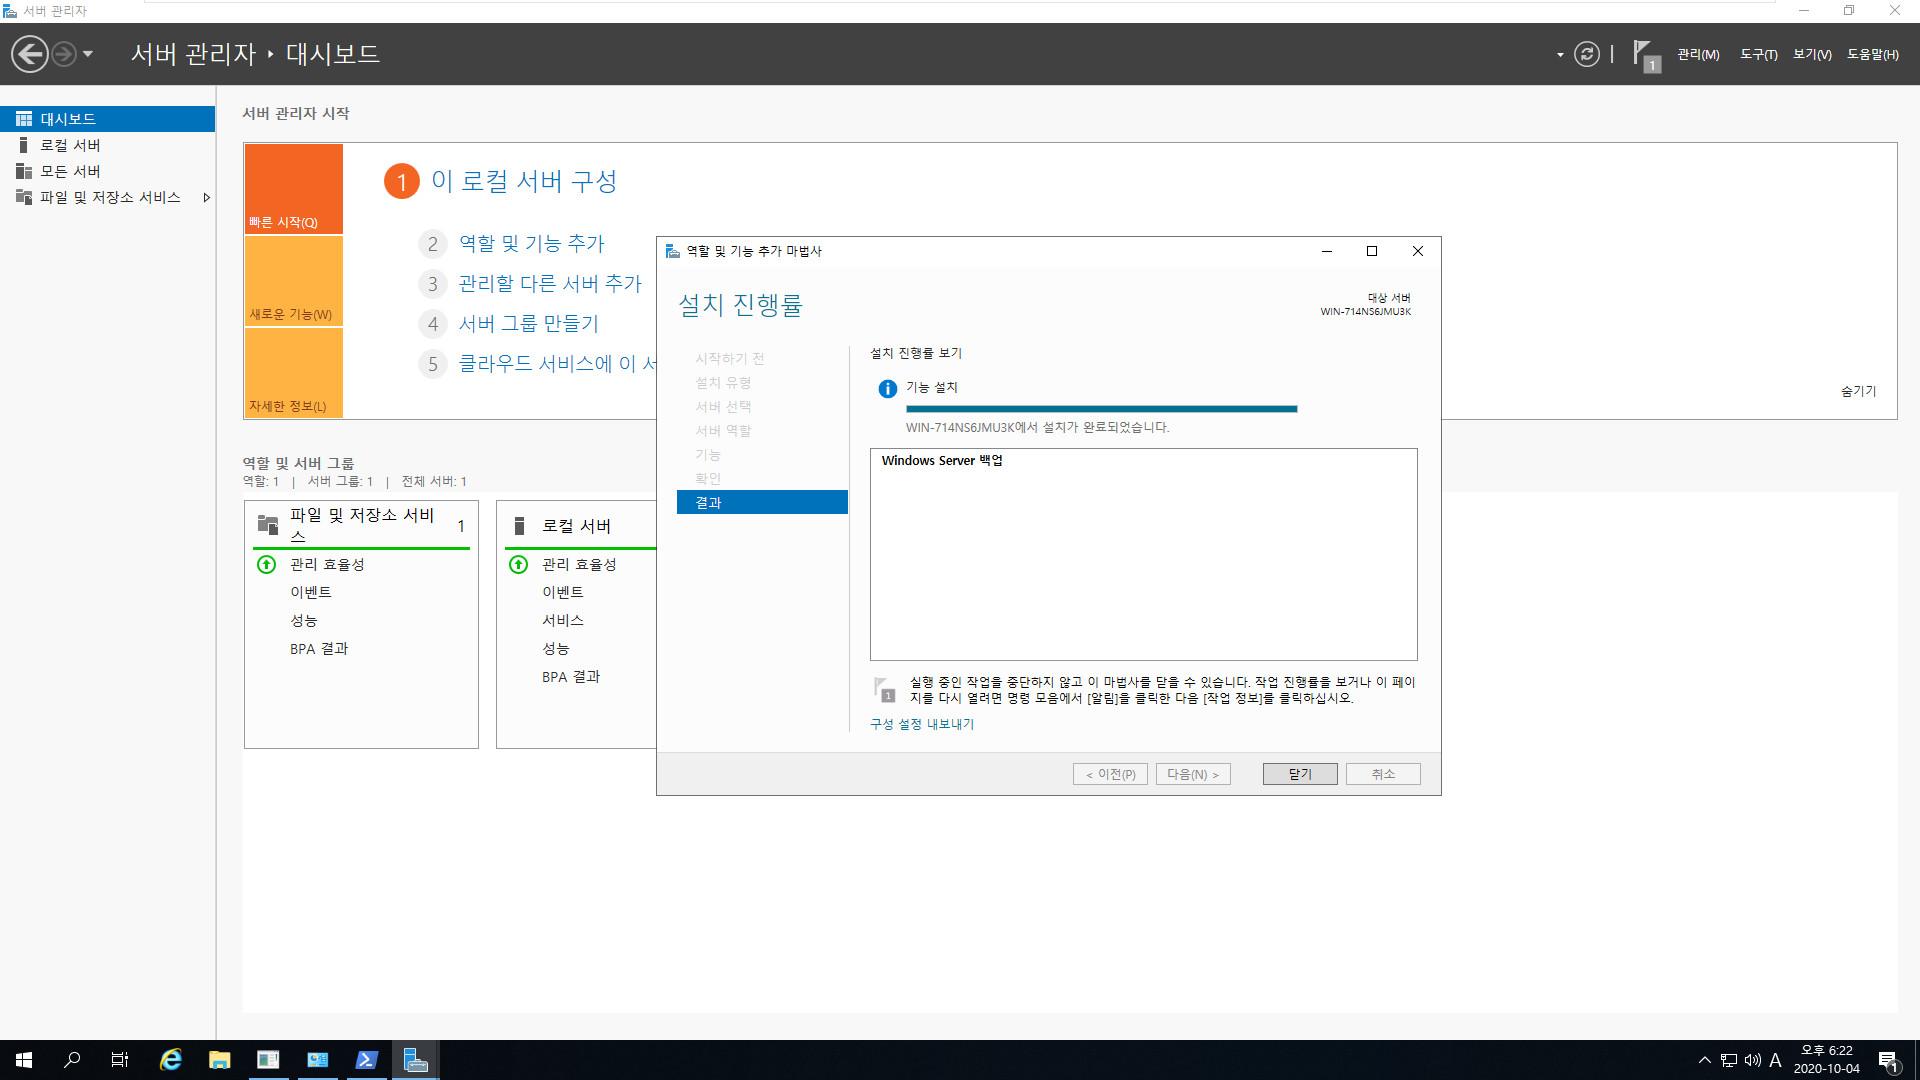 윈도우 서버군은 윈도우 사용중에도 자체 WBadmin 명령으로 윈도우 복구를 합니다 - Windows Server 2019로 복구 테스트 2020-10-04_182235.jpg